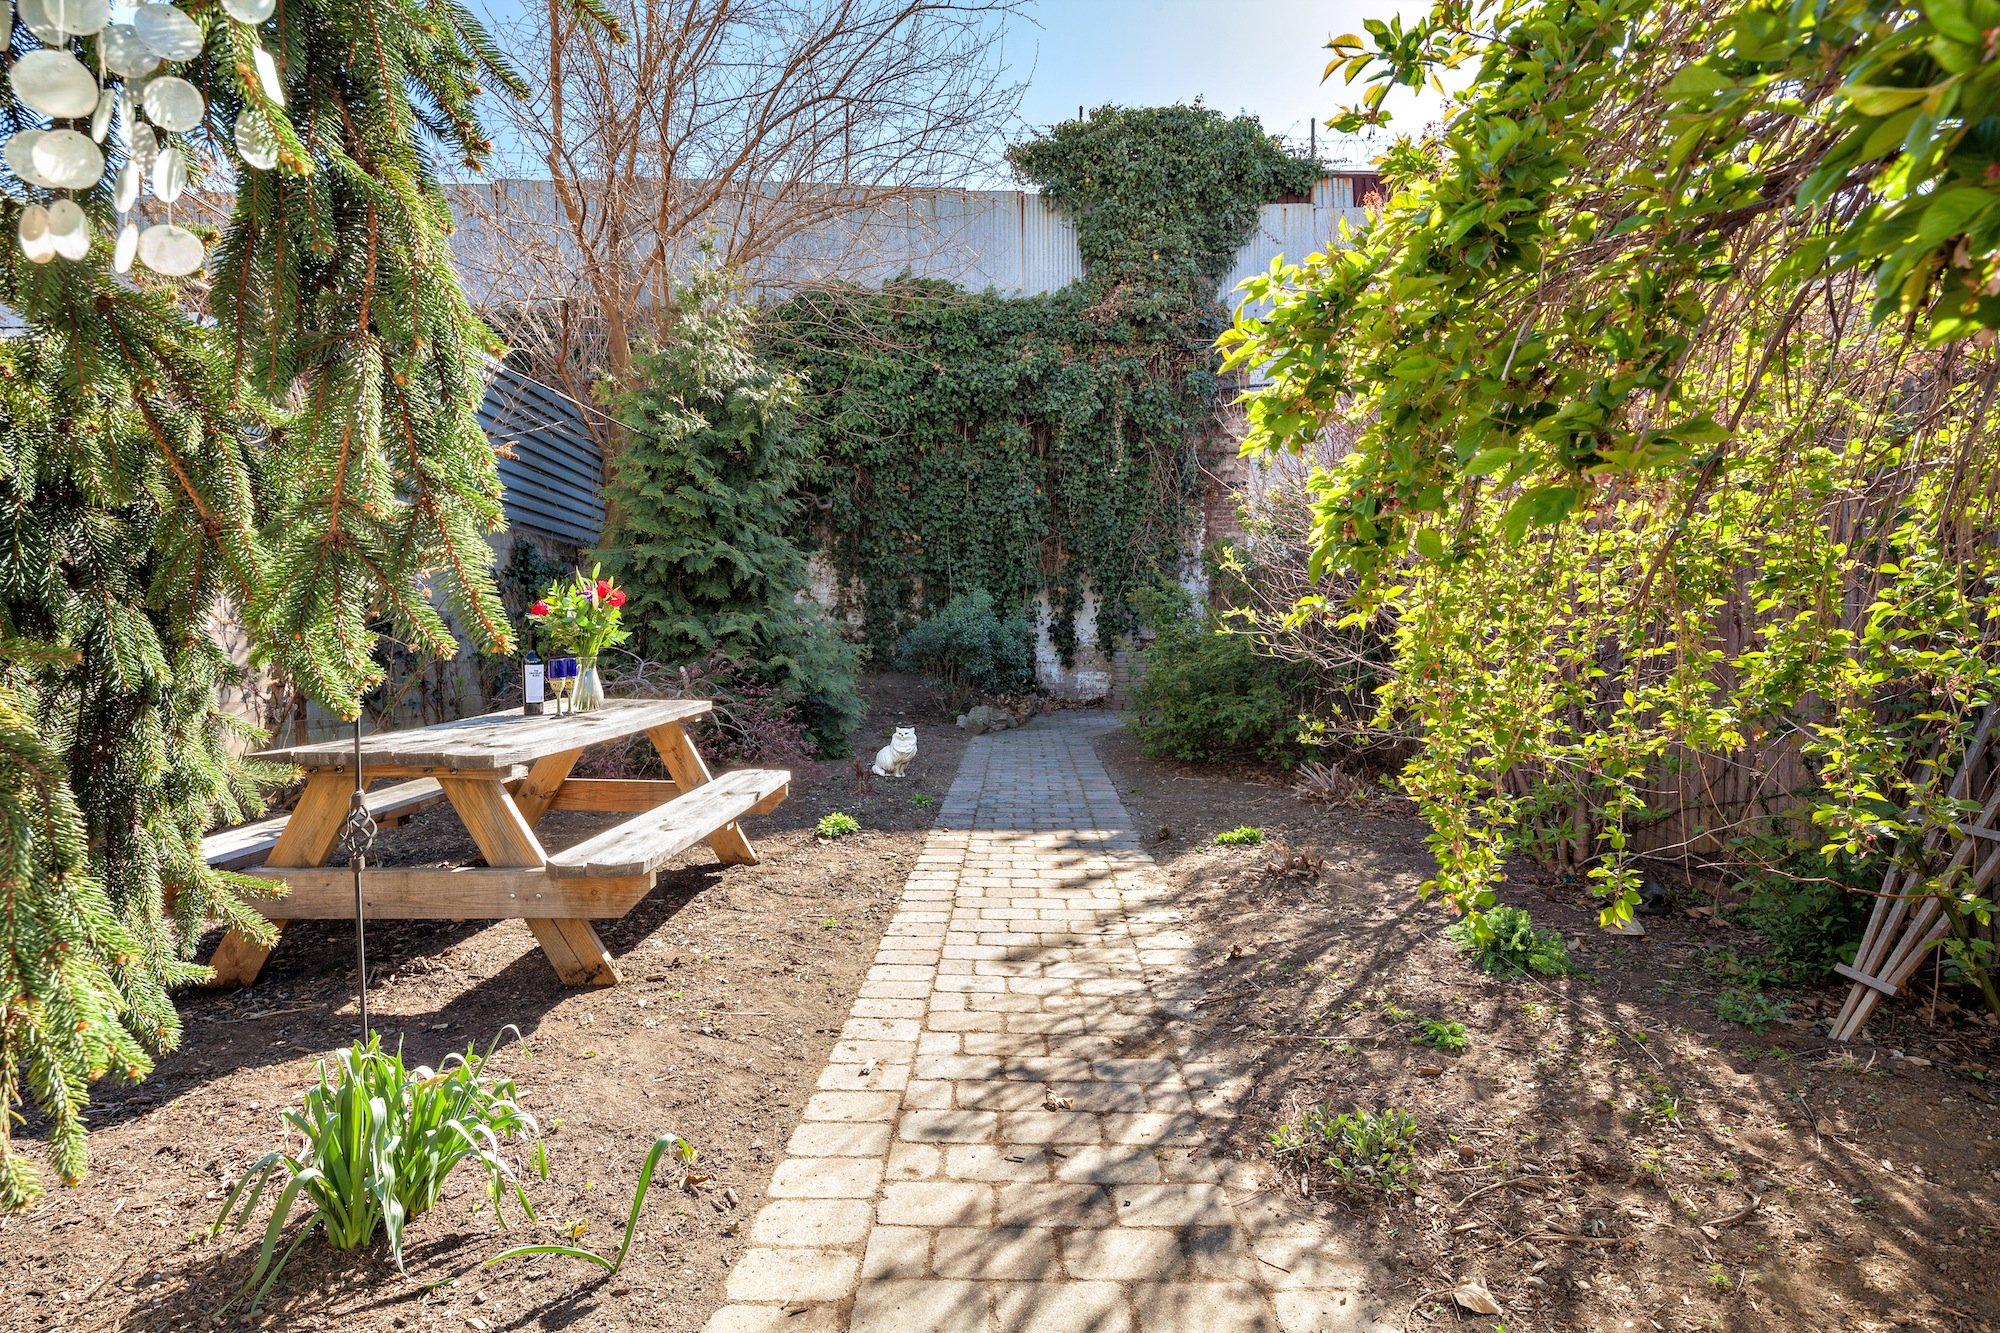 136 30th Street,  garden, outdoor space, backyard